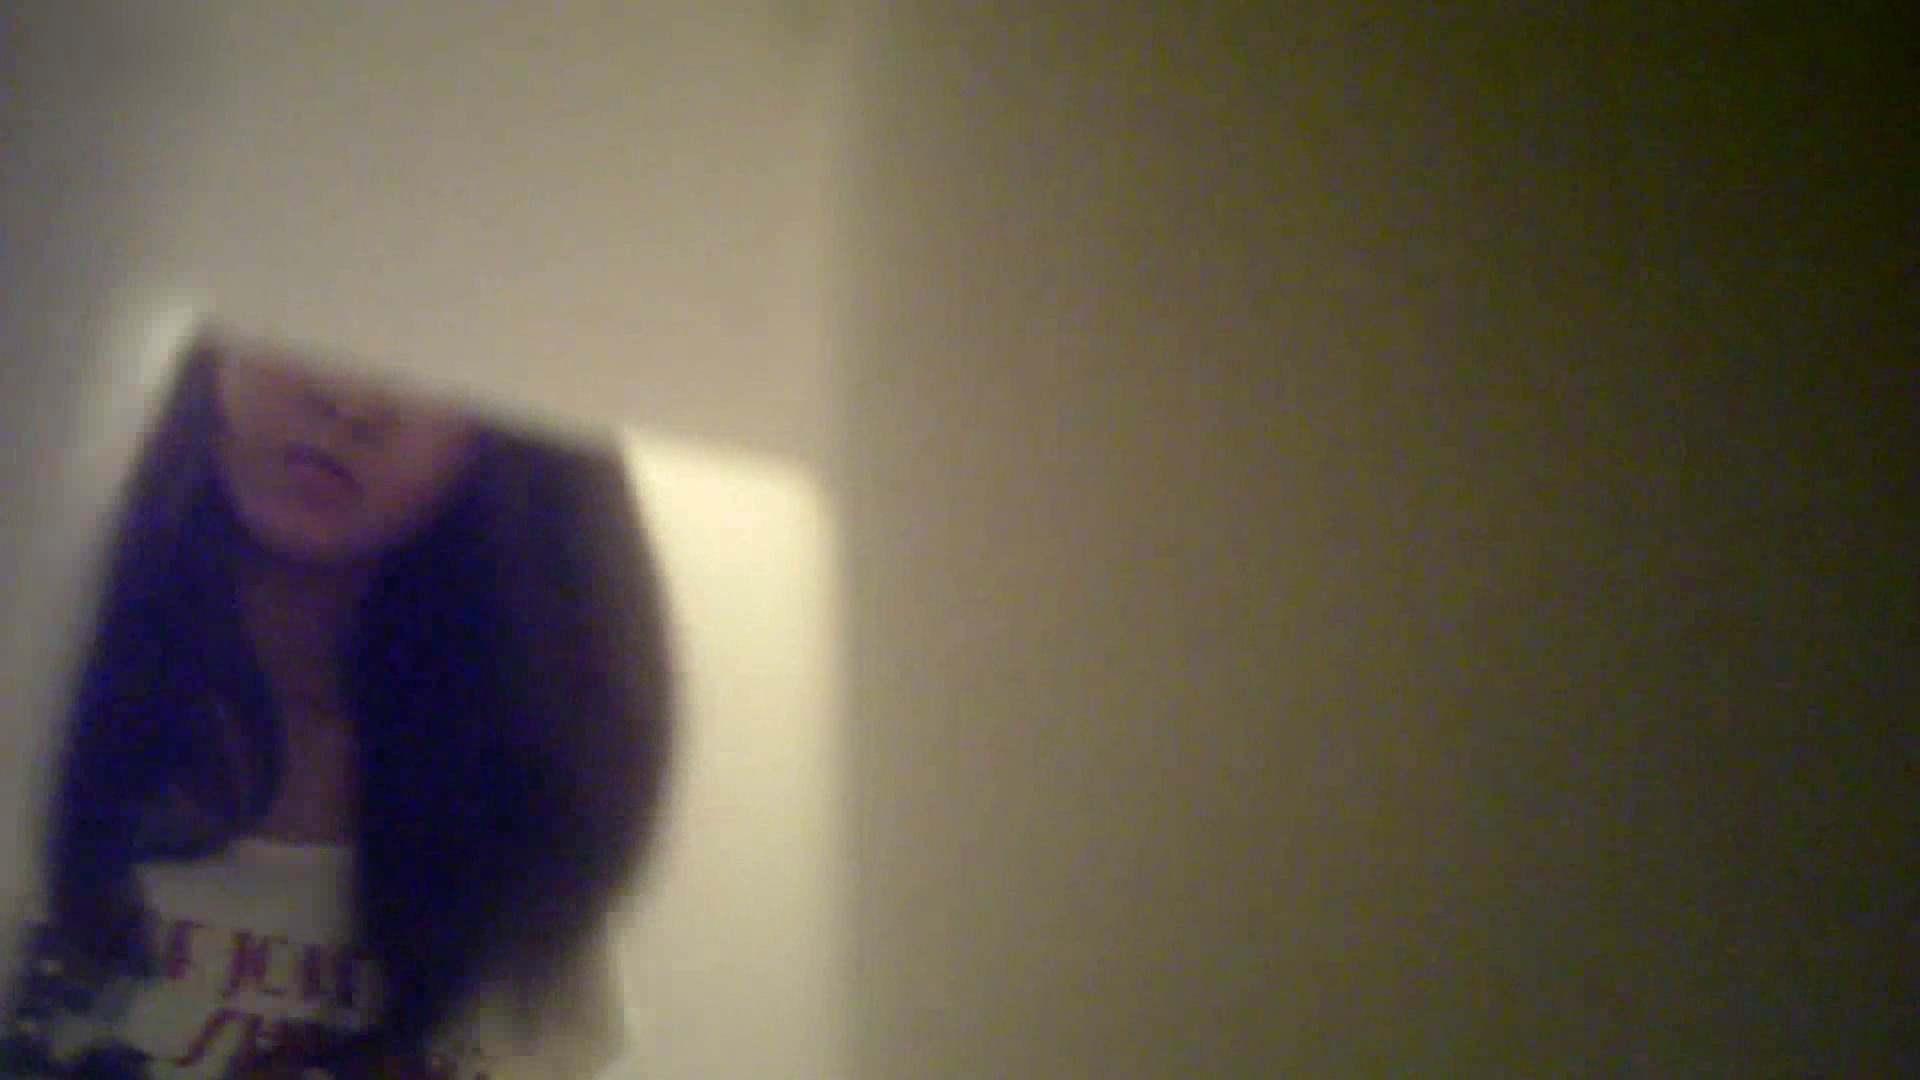 有名大学女性洗面所 vol.45 冴え渡る多方向撮影!職人技です。 和式 おめこ無修正動画無料 88枚 29